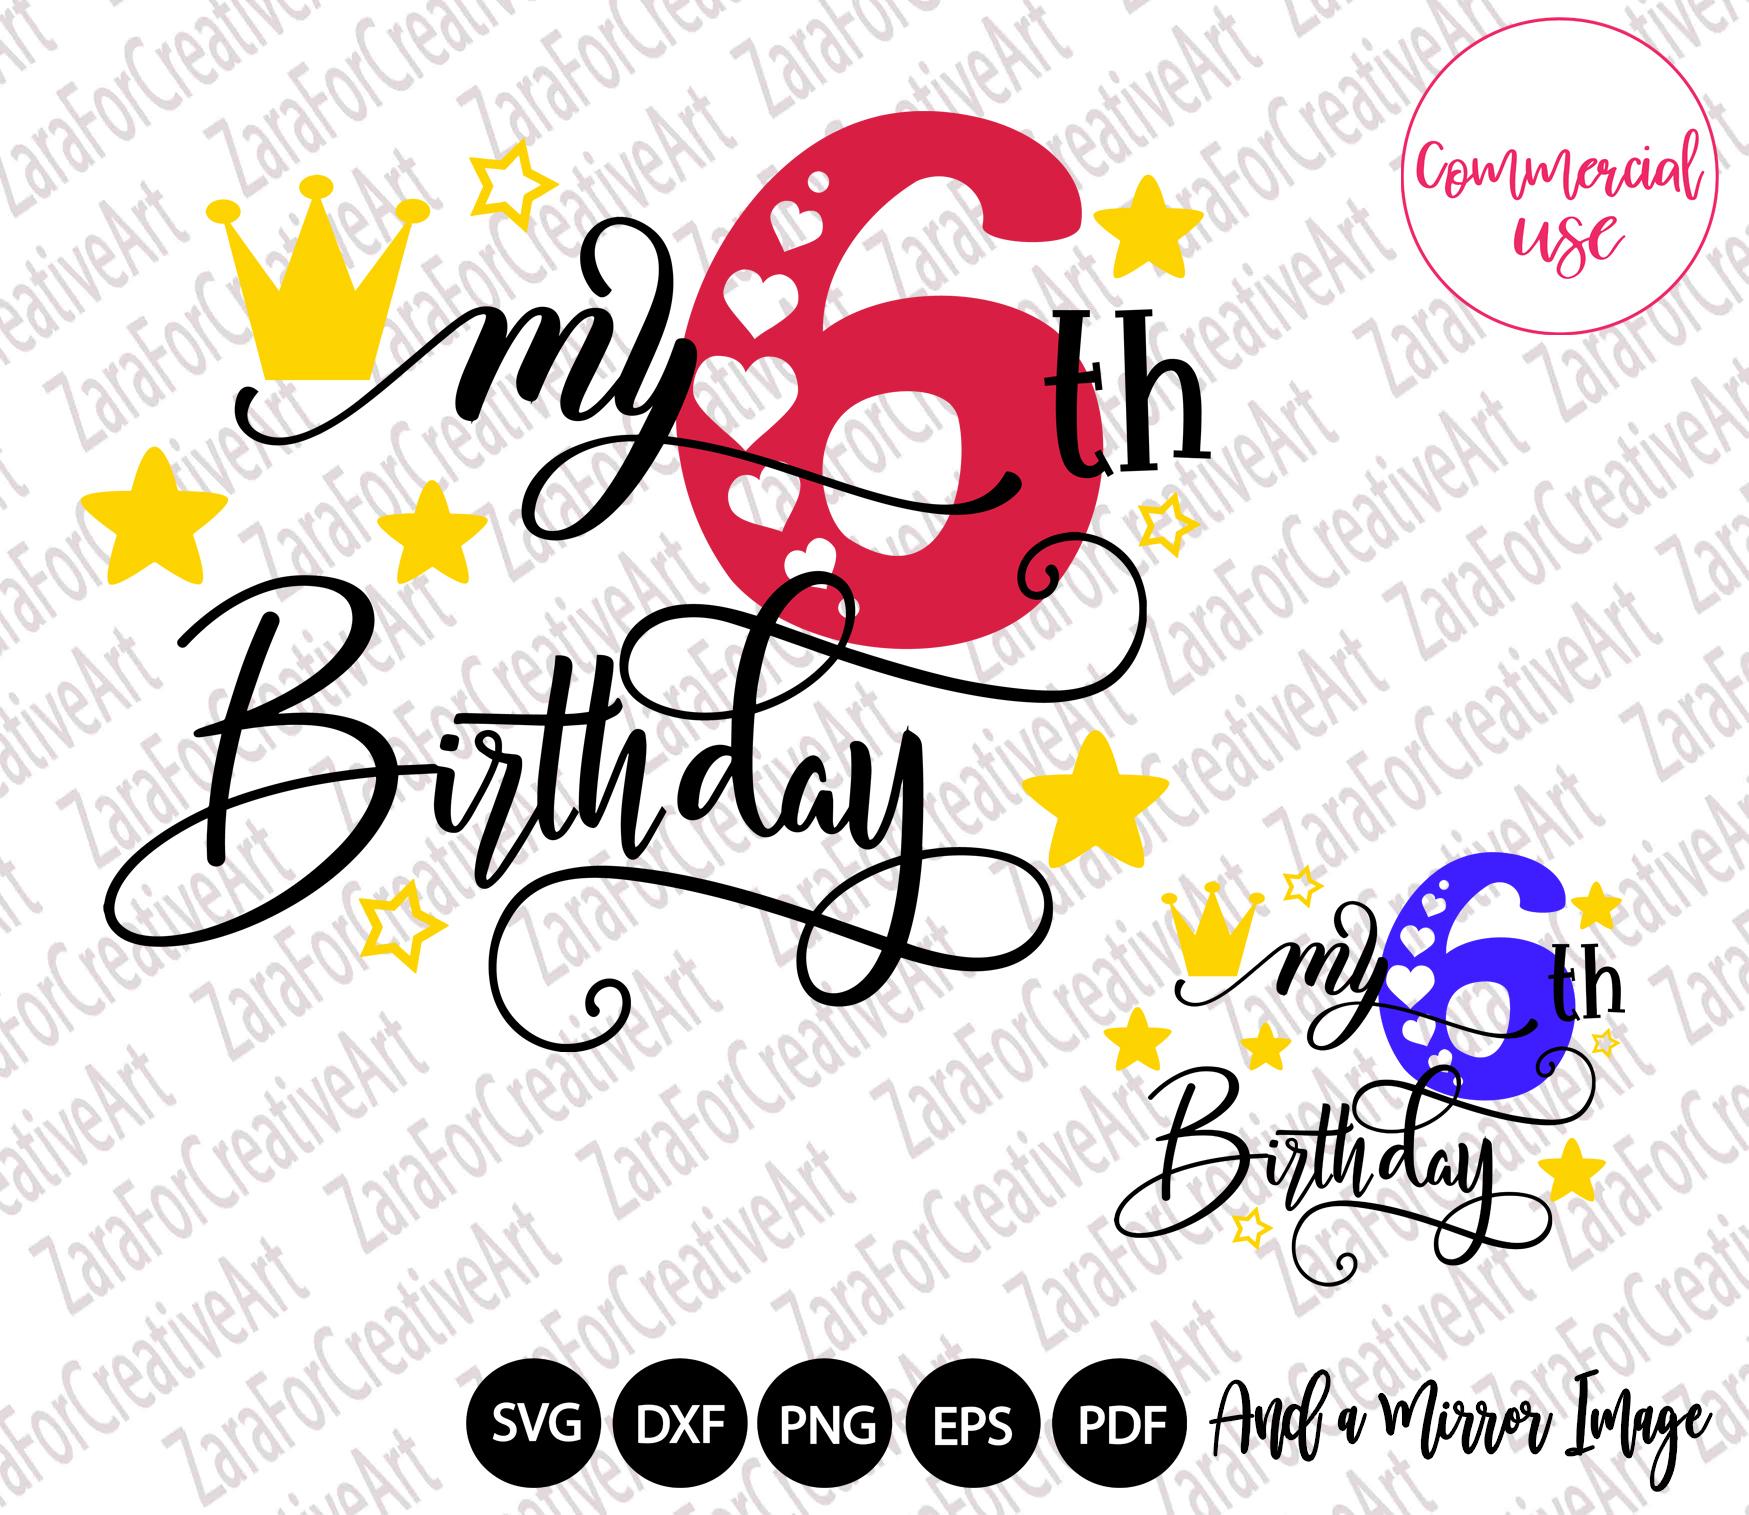 my birthday svg bundle, birthday girl bundle birthday boy , example image 7